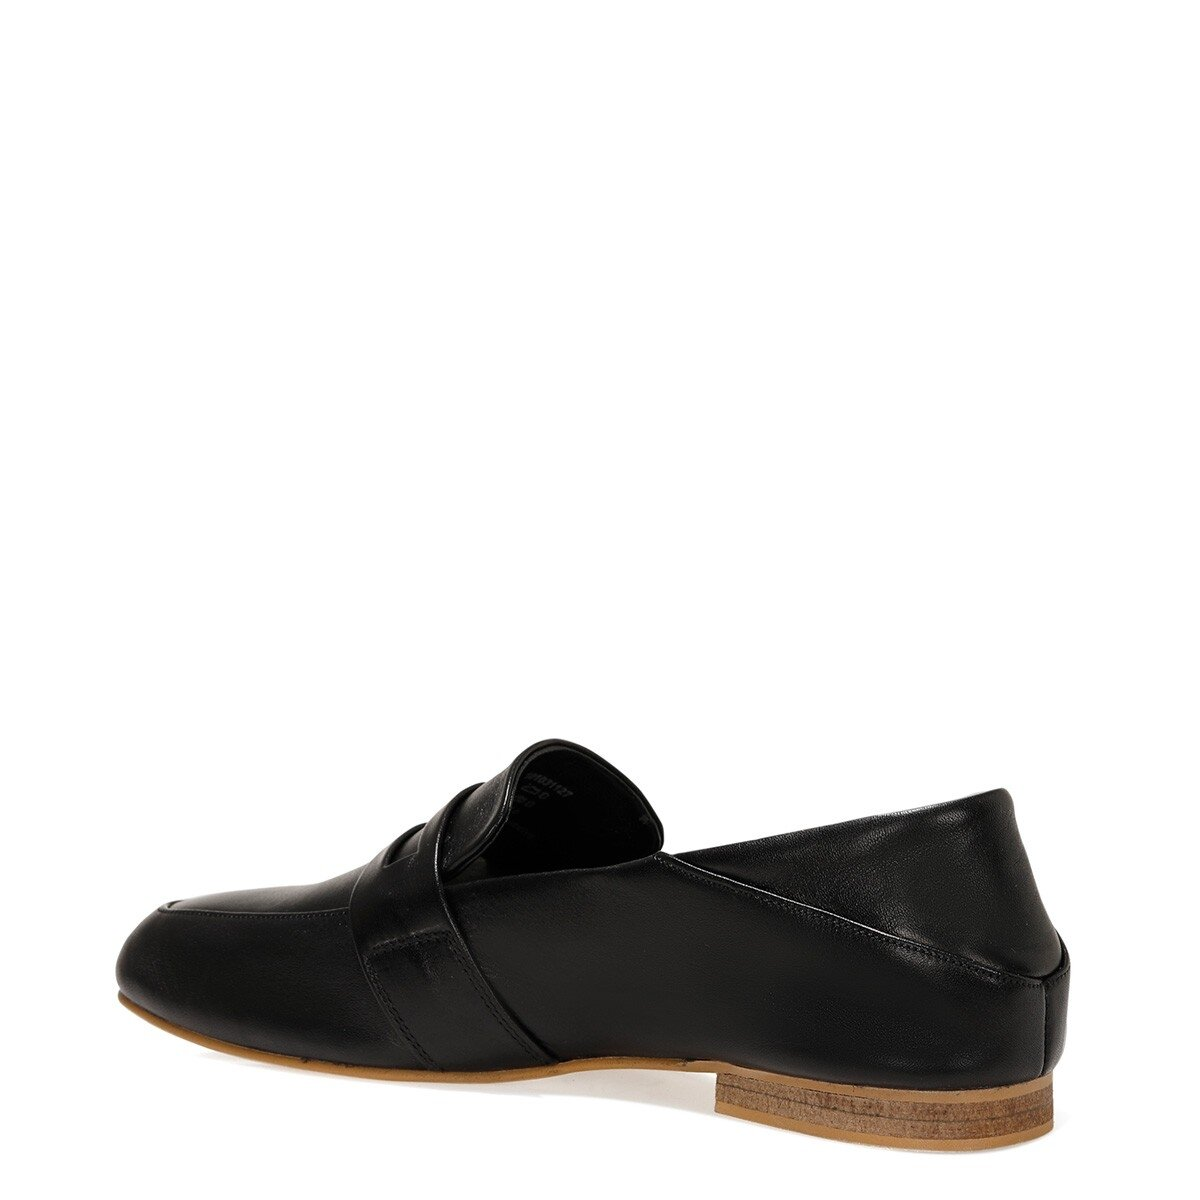 CONFINTA 1FX Siyah Kadın Loafer Ayakkabı